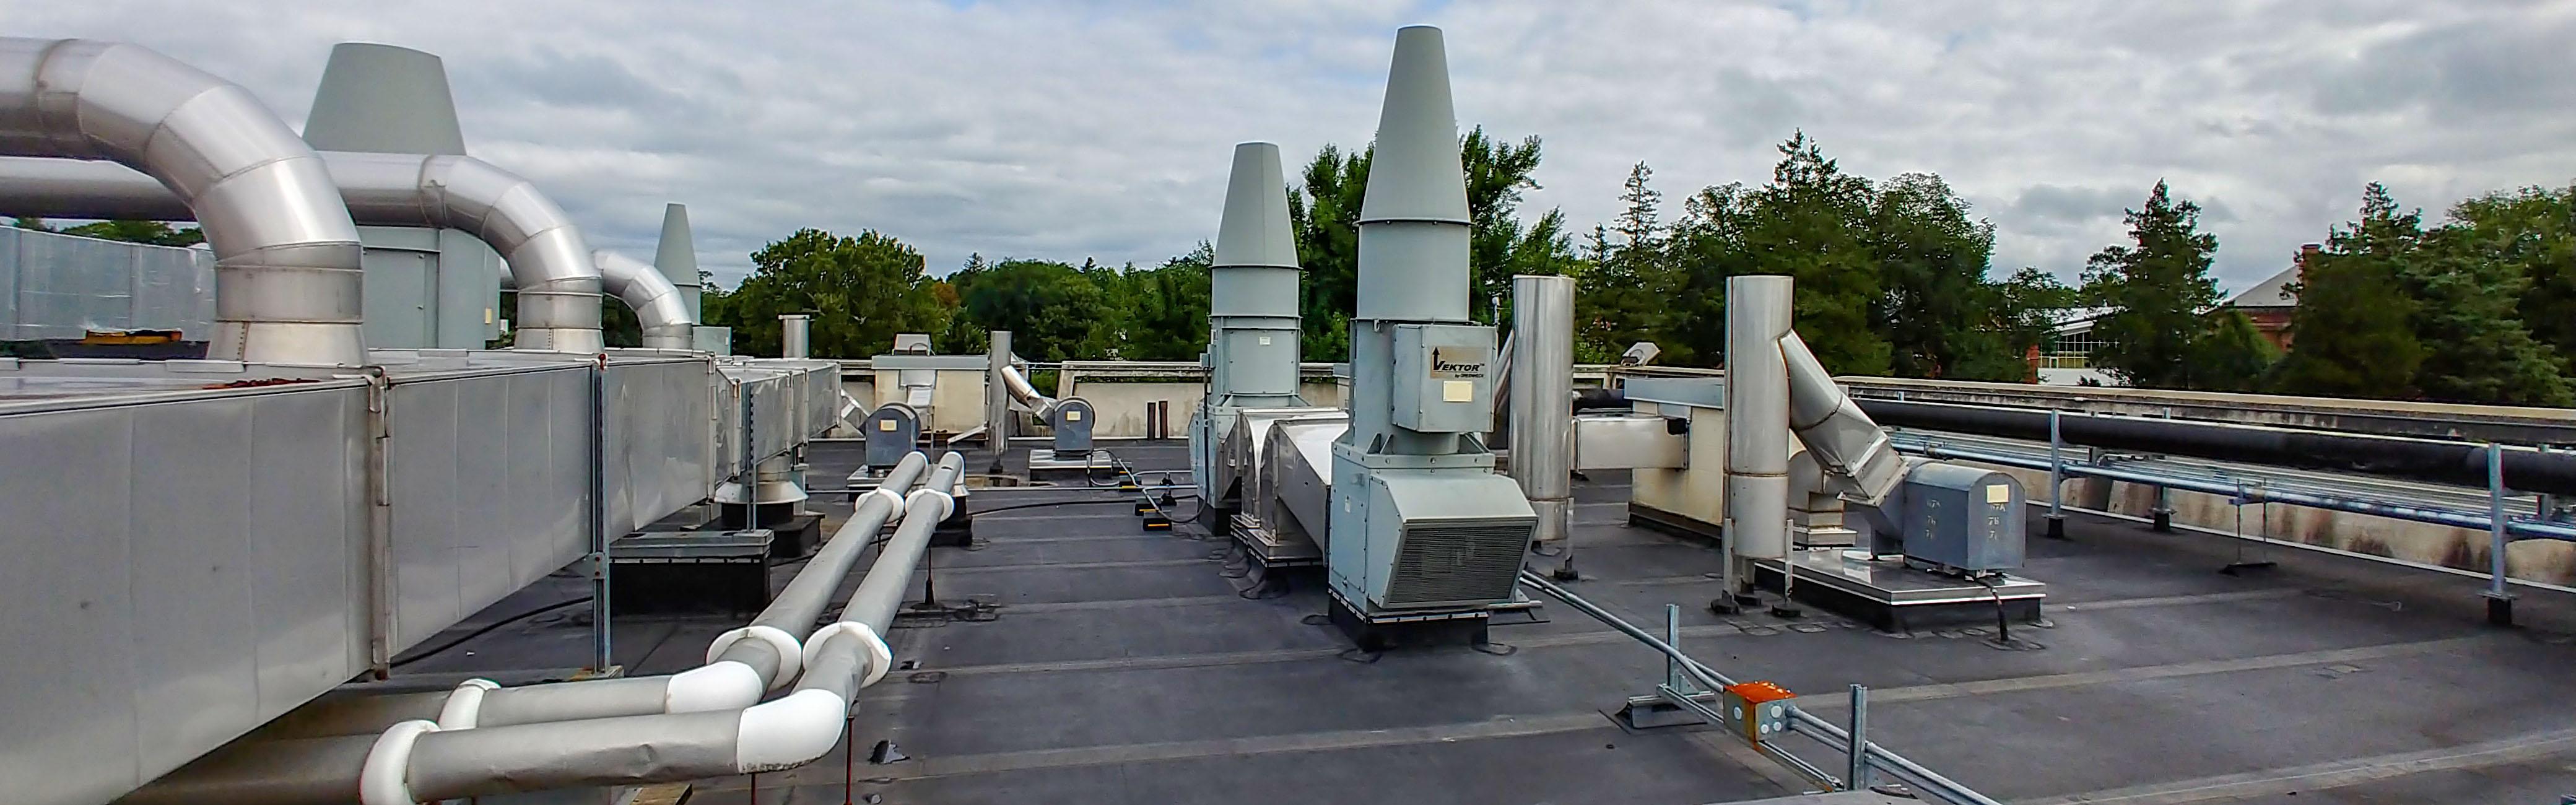 Rooftop Exhaust Fans